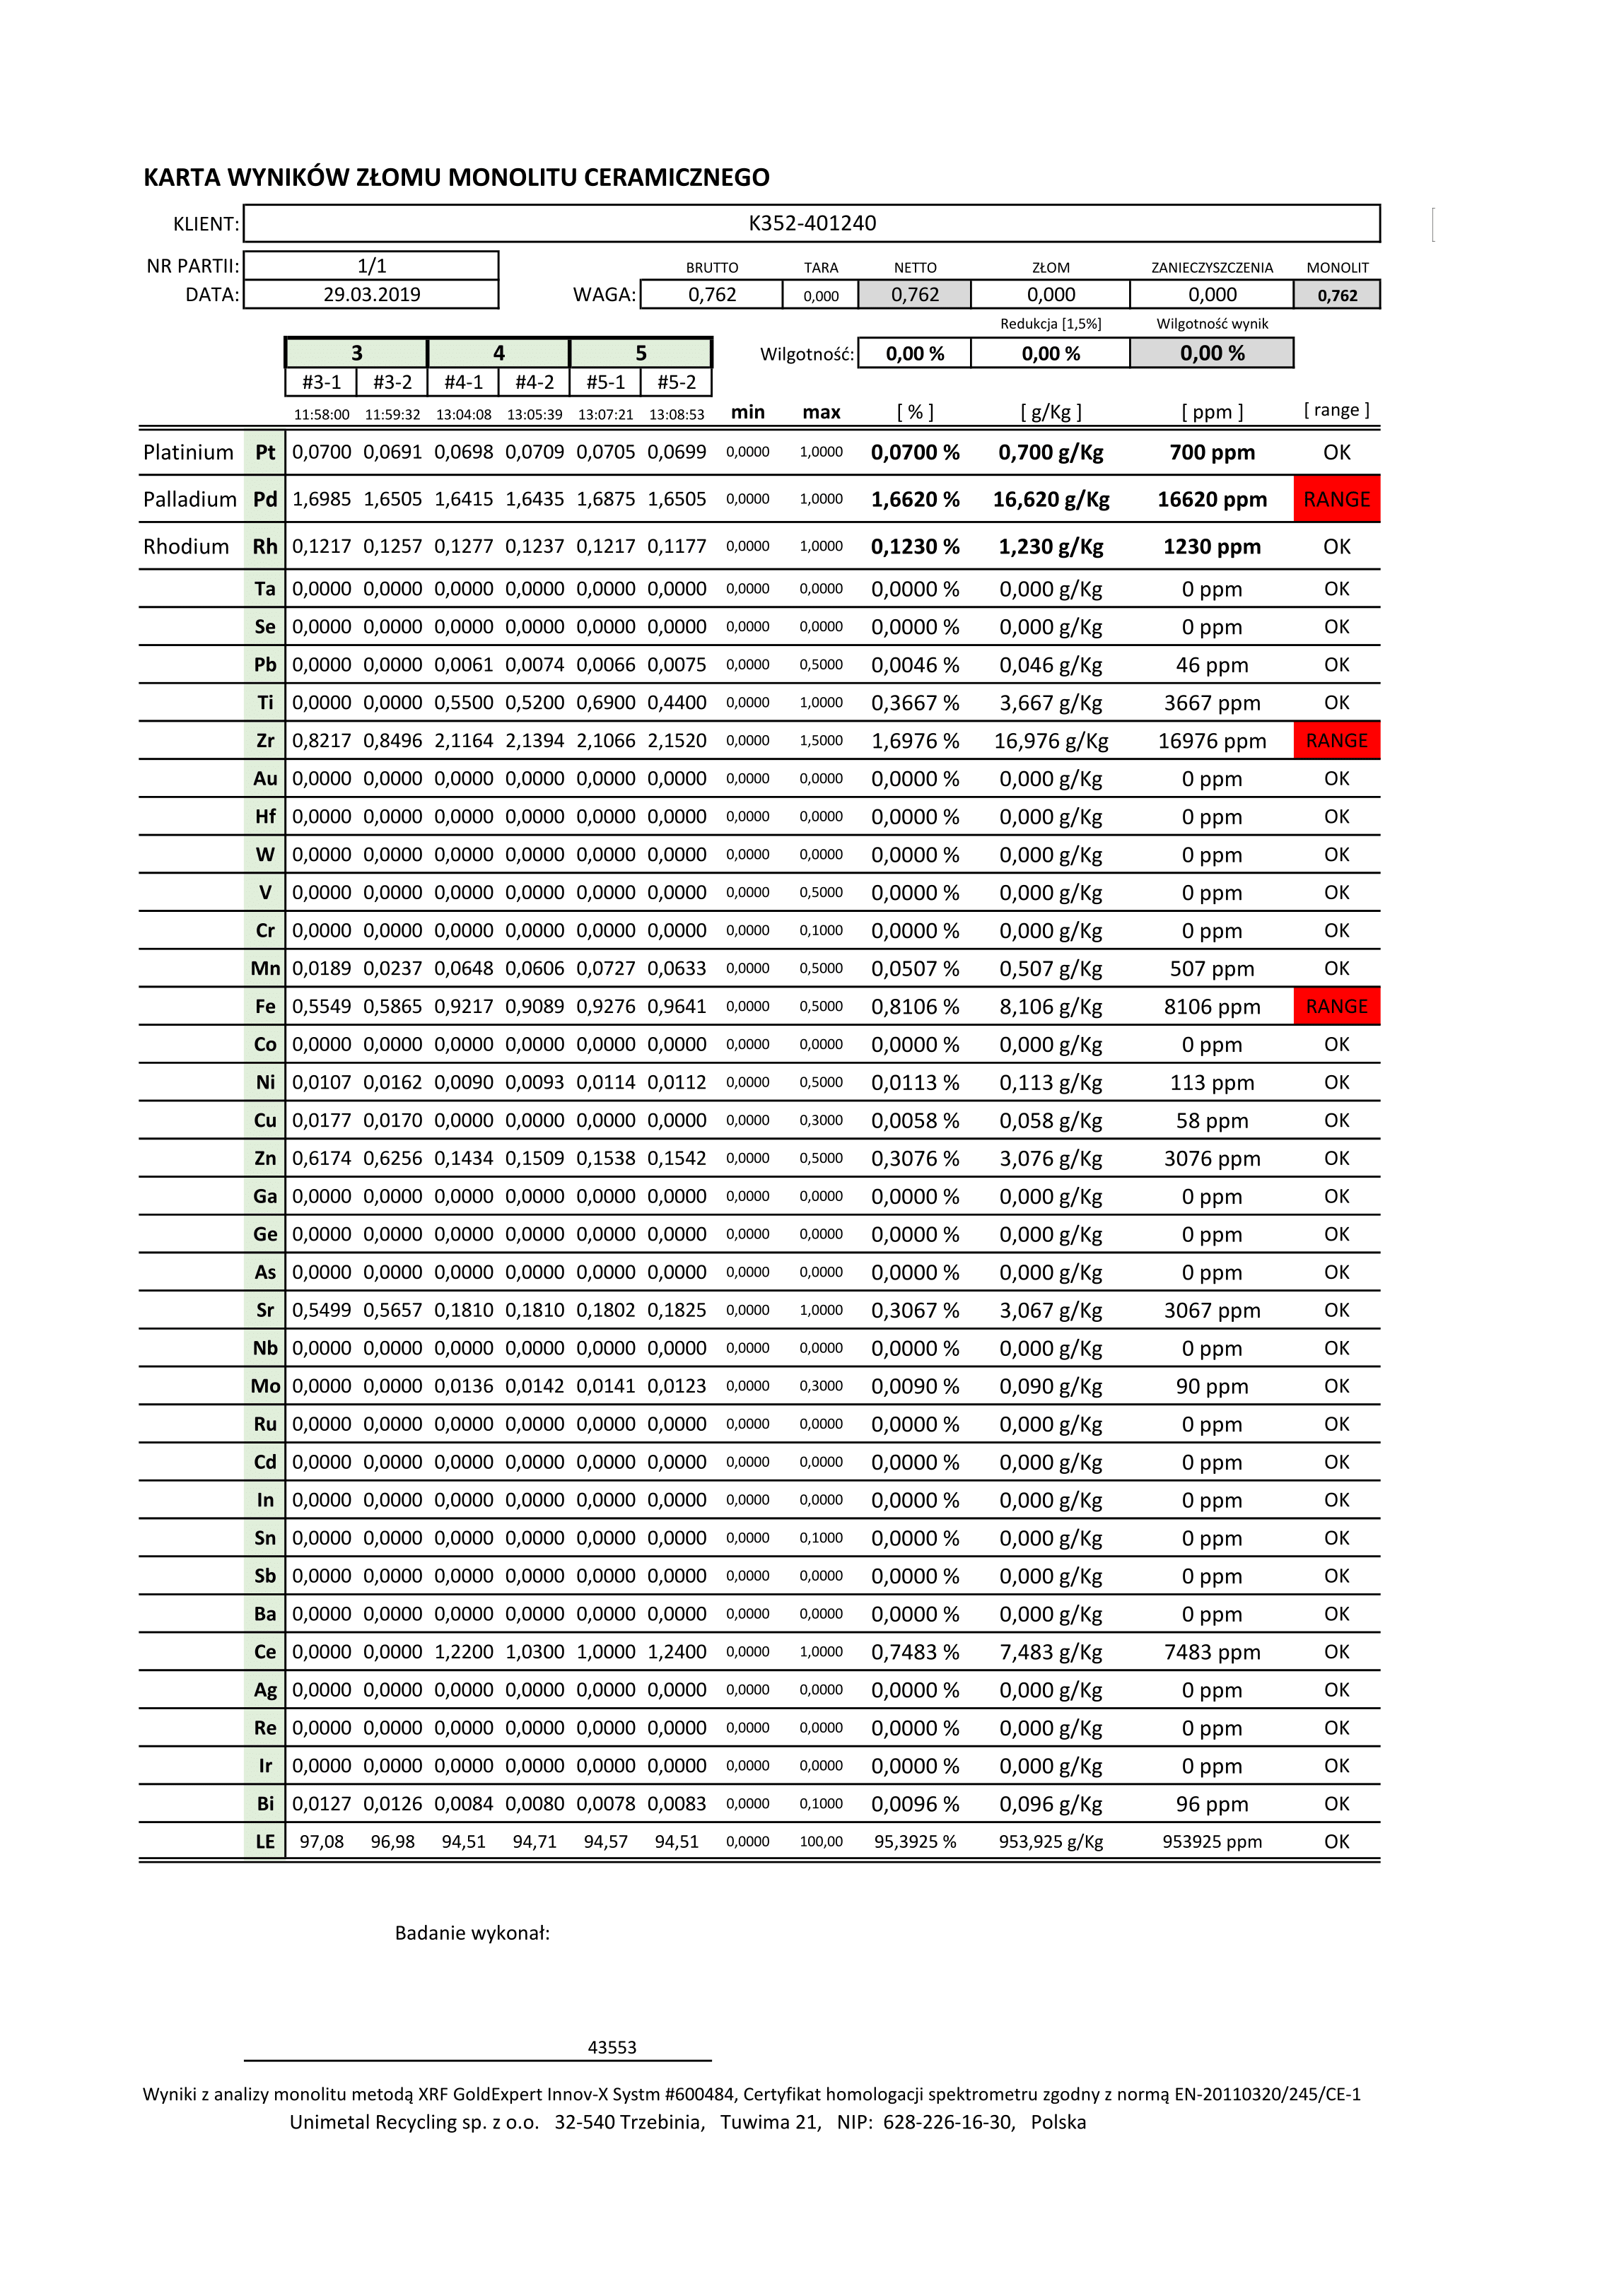 Zawartość metali szlachetnych w katalizatorze K352/401240 - analiza XRF